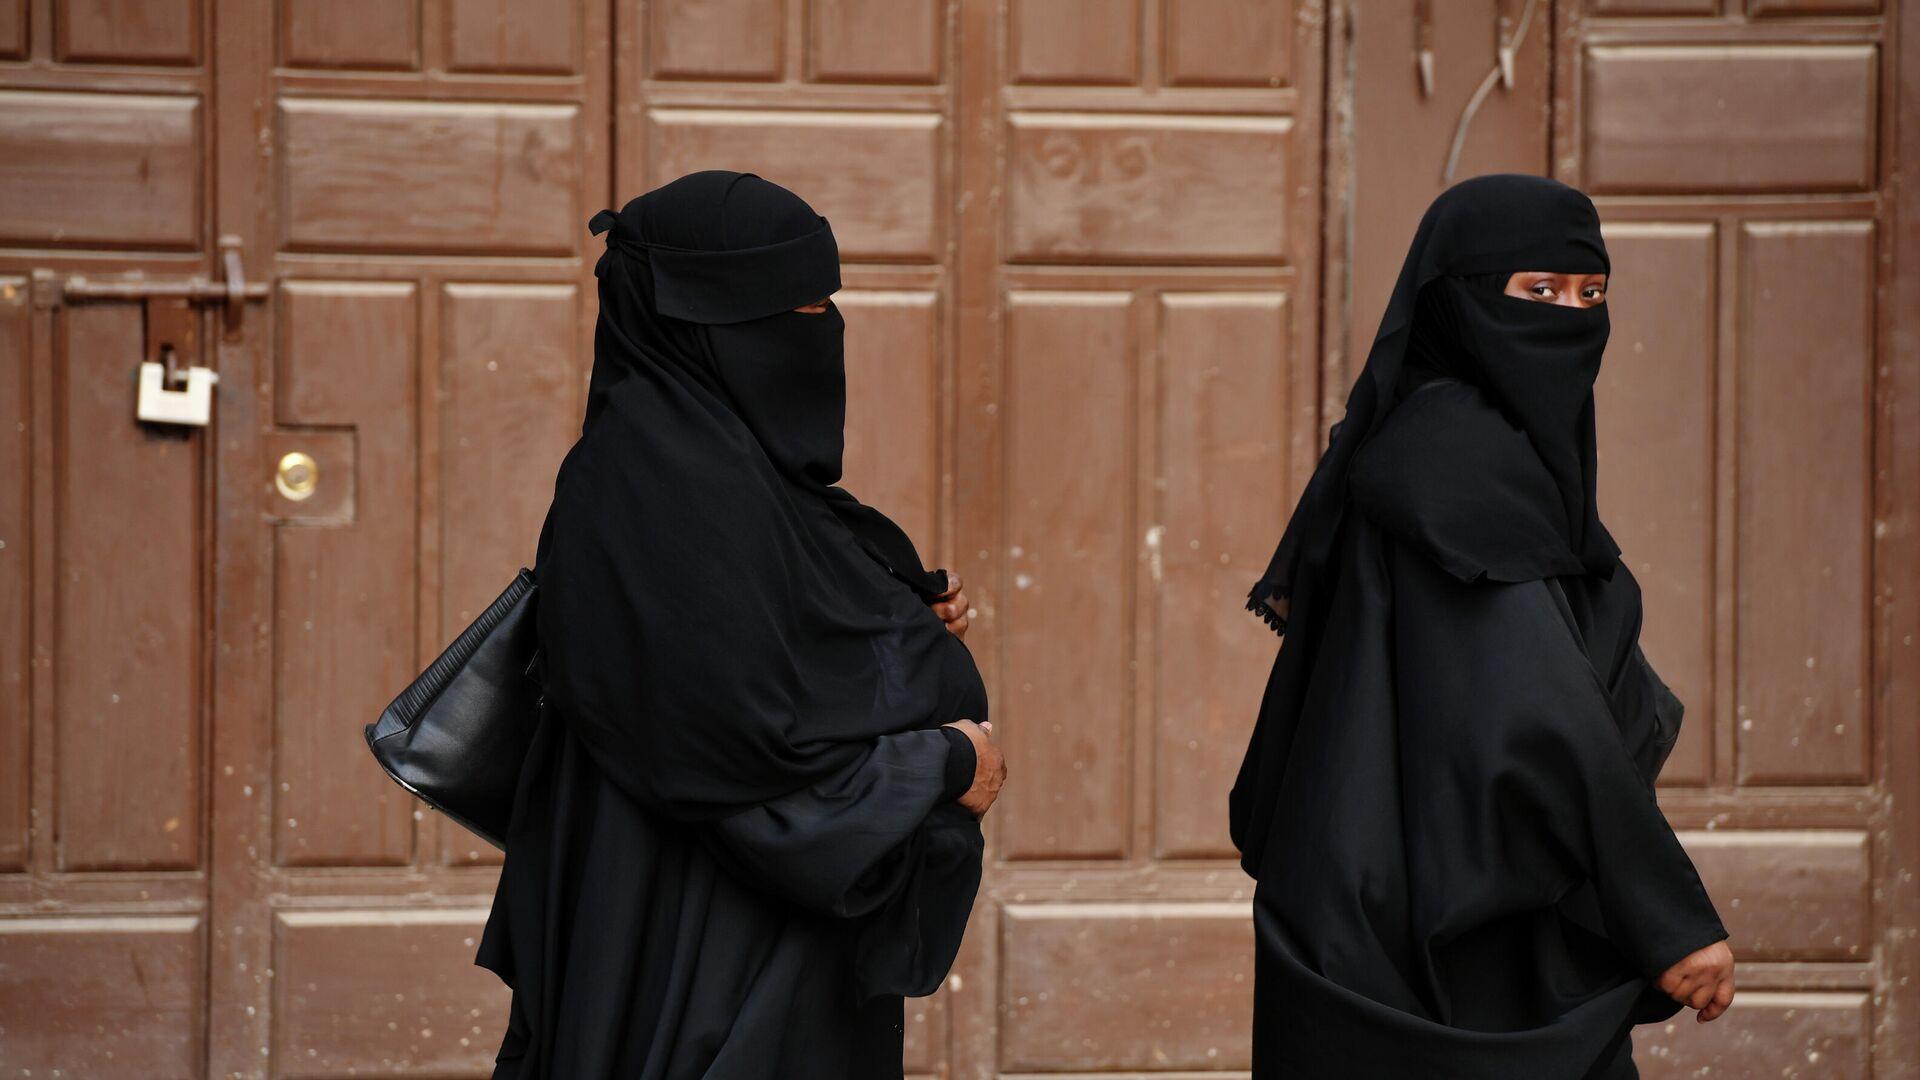 Женщины в хиджабах - Sputnik Узбекистан, 1920, 10.09.2021